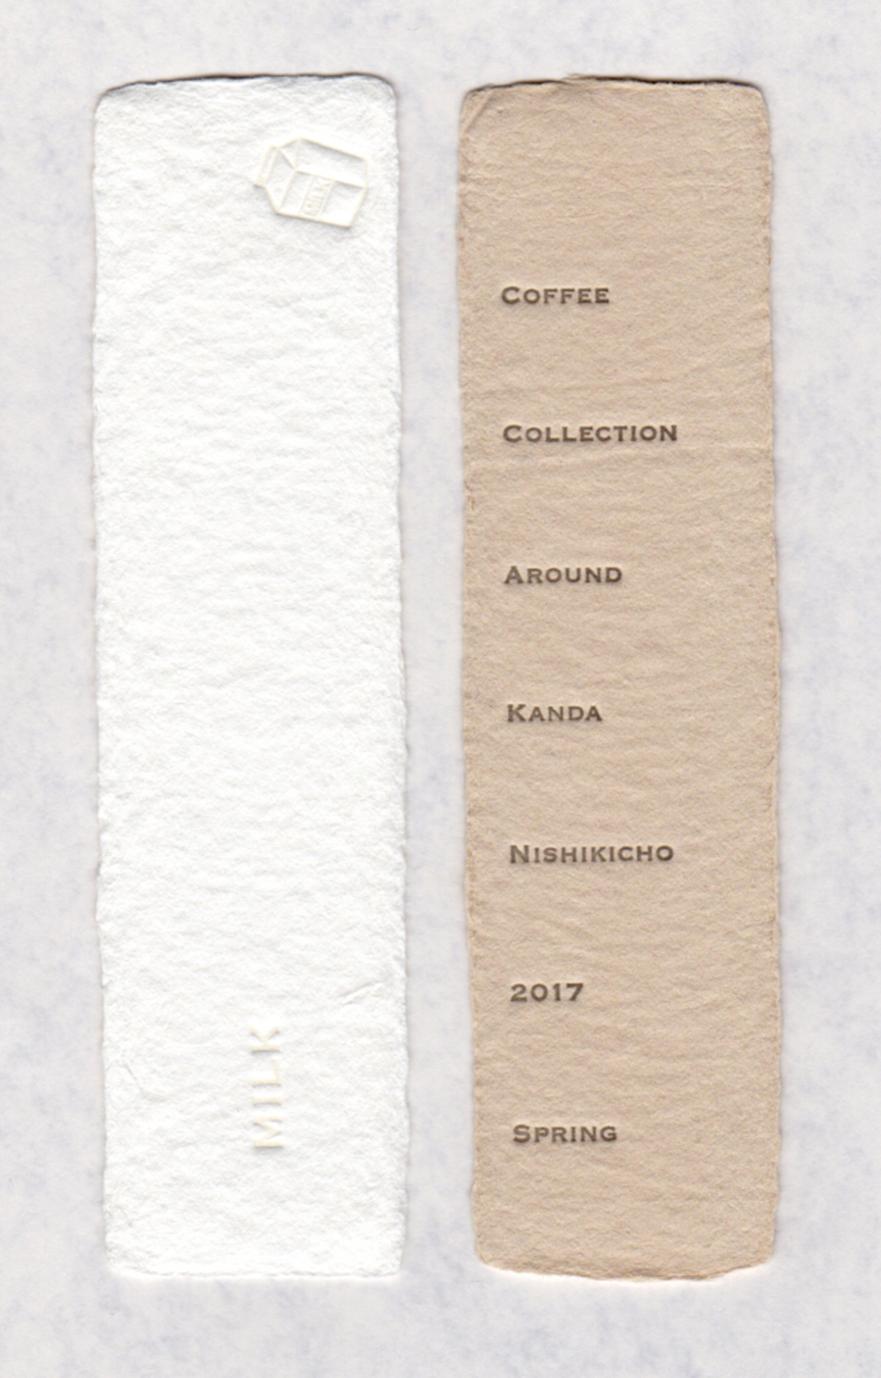 手作りコーヒー(ミルク)ペーパーの栞